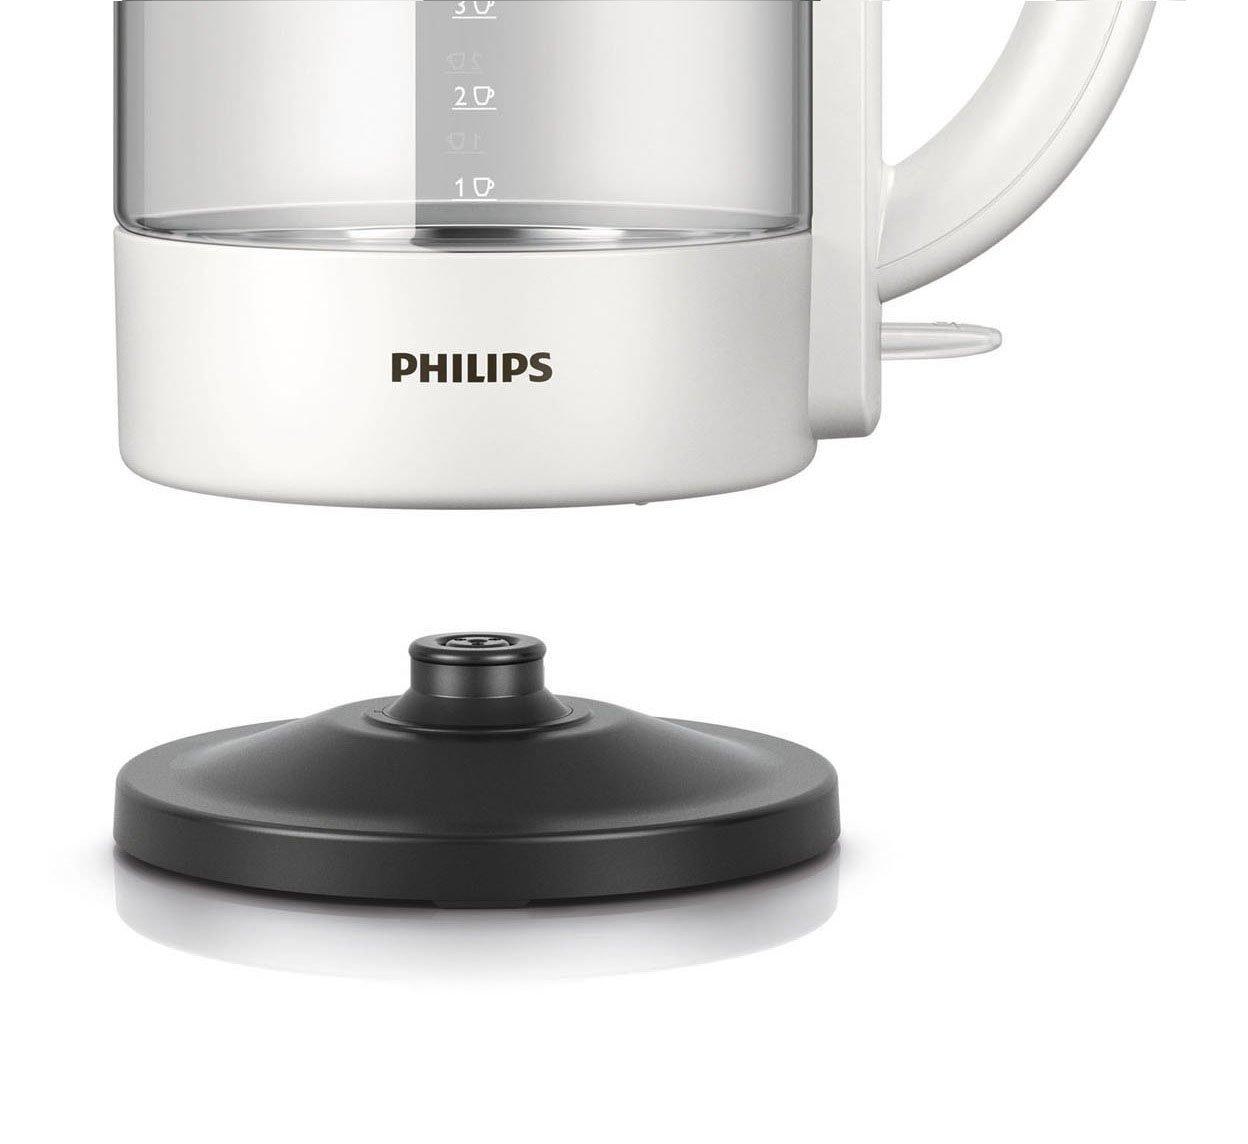 Hd9340 Philips Bollitore Elettrico In Vetro